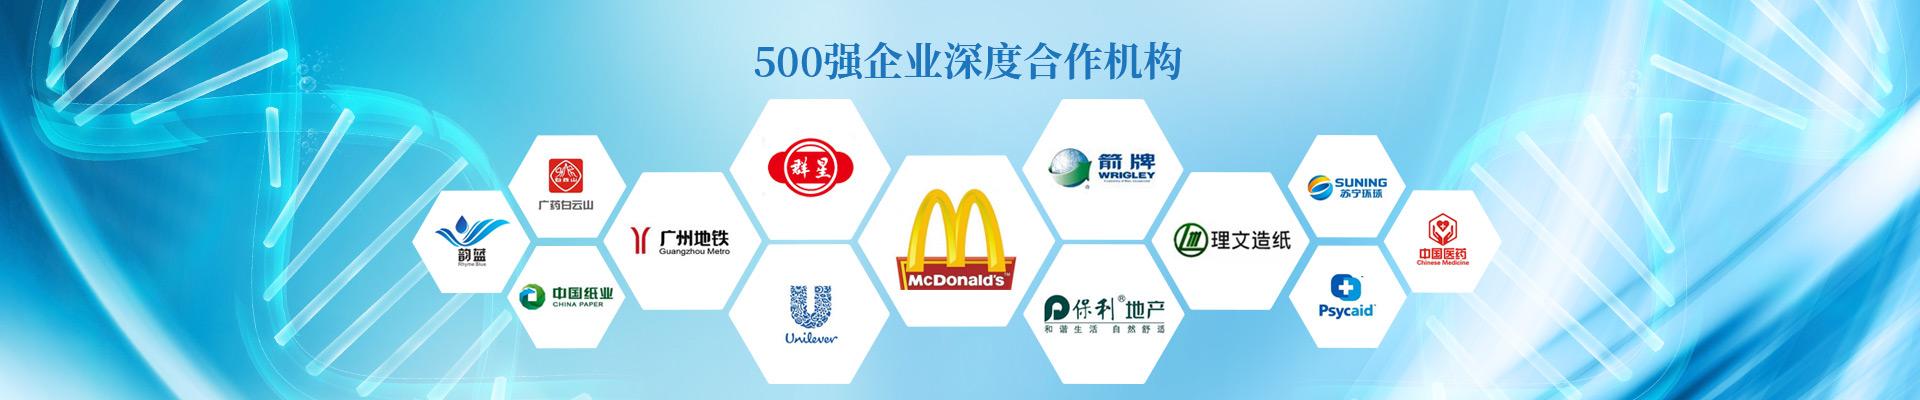 广东建研-500强企业深度合作机构